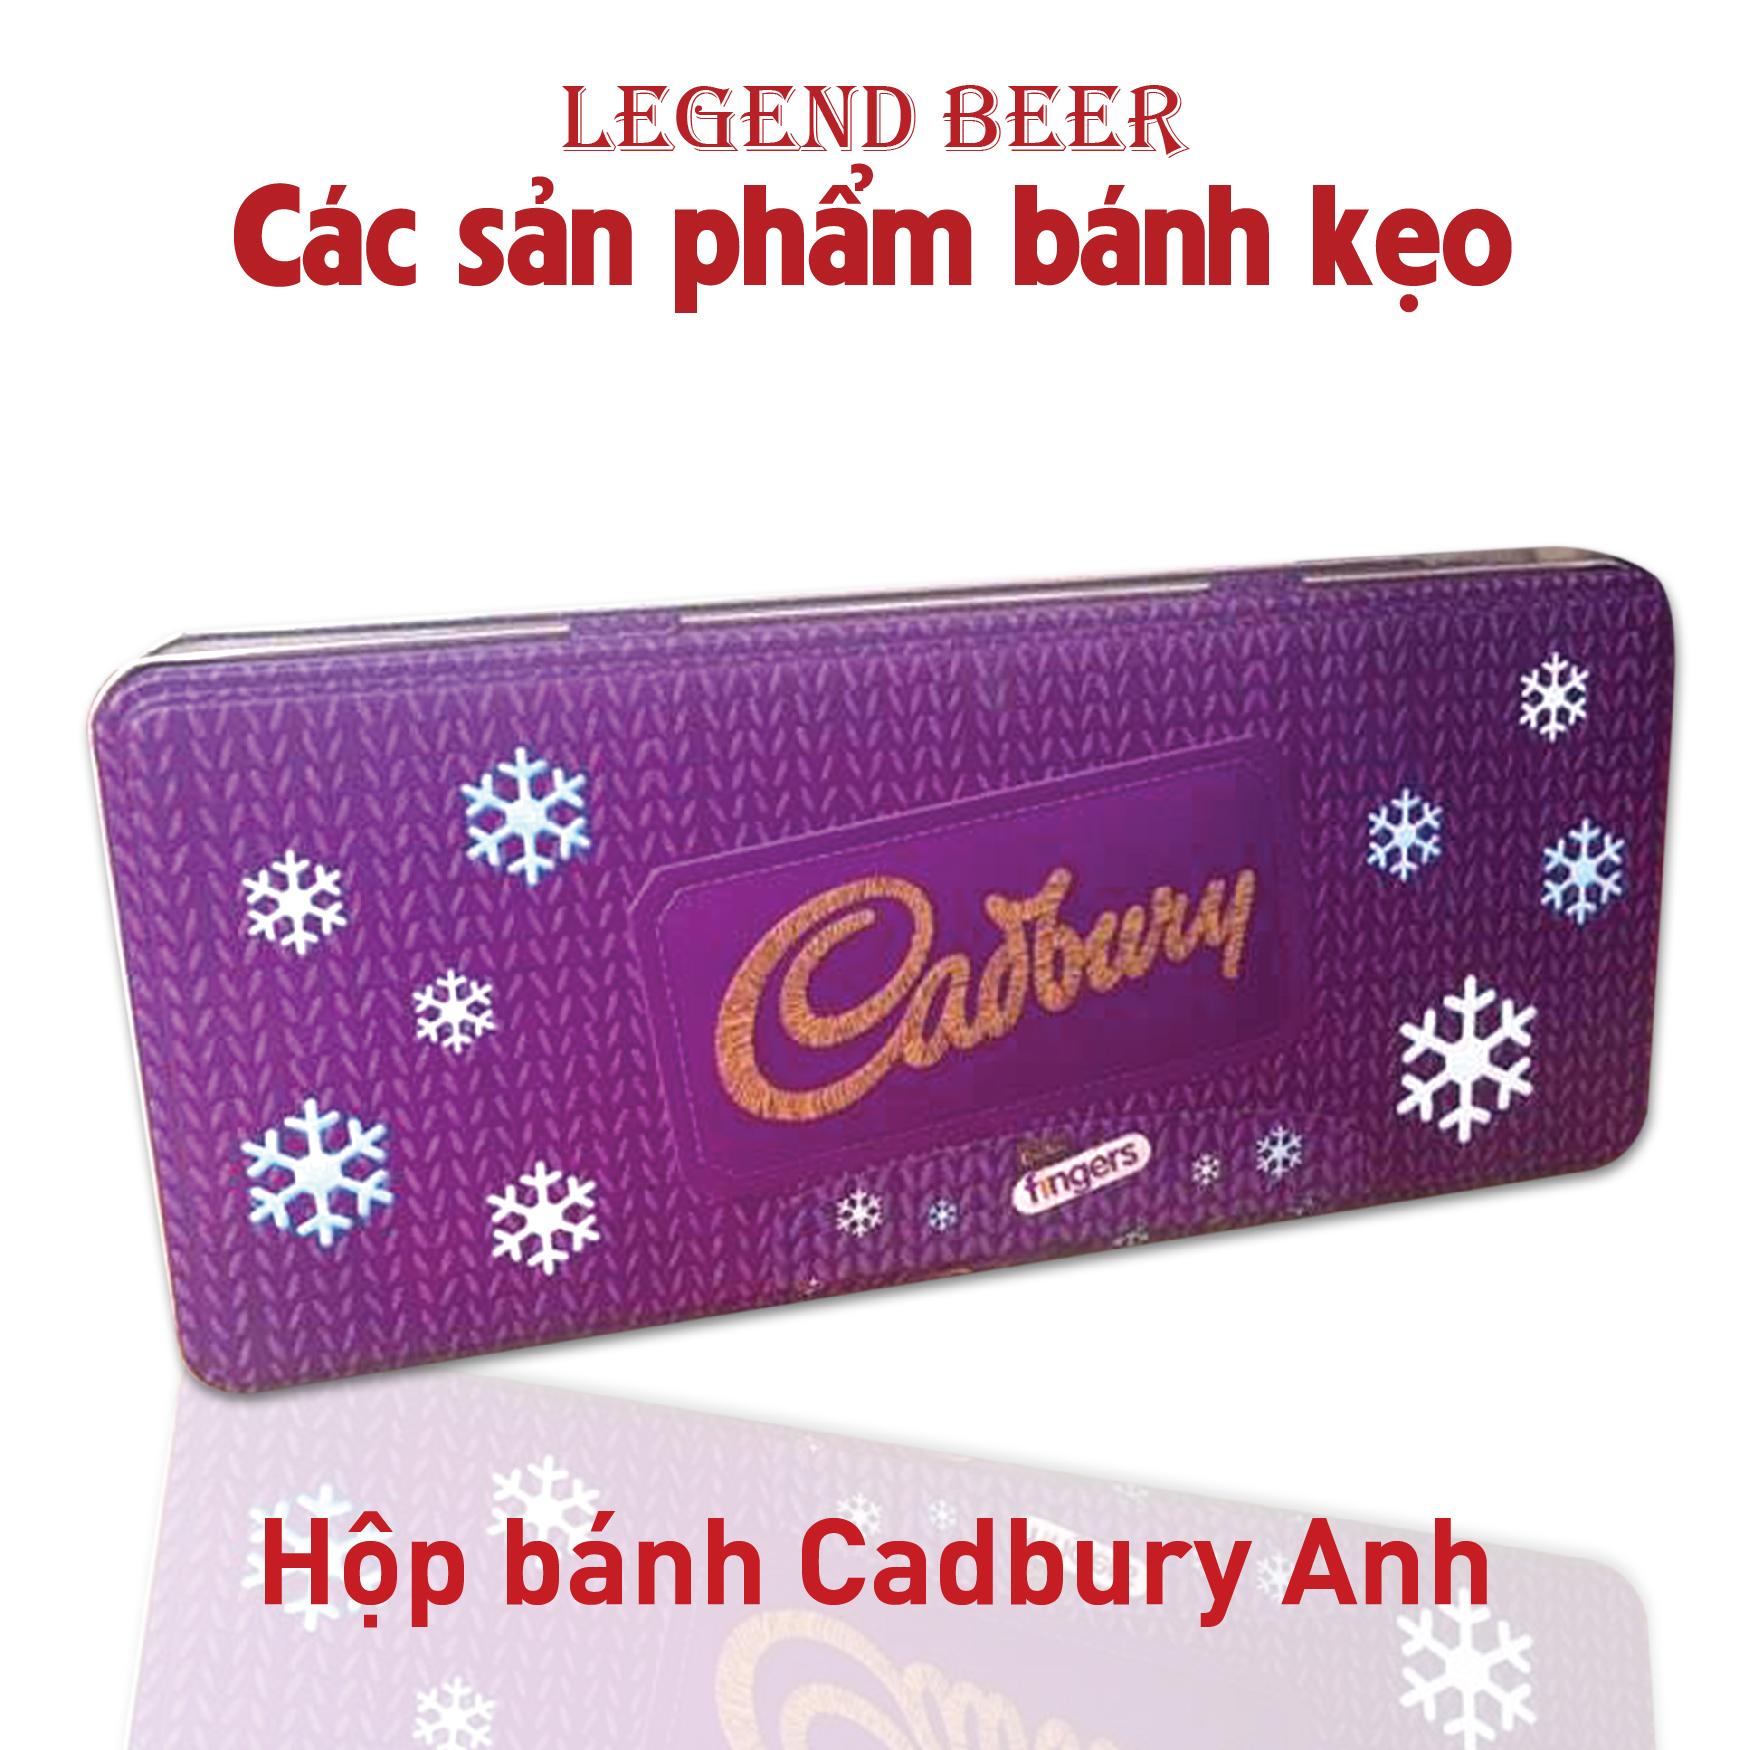 Hộp bánh Cadbury Anh